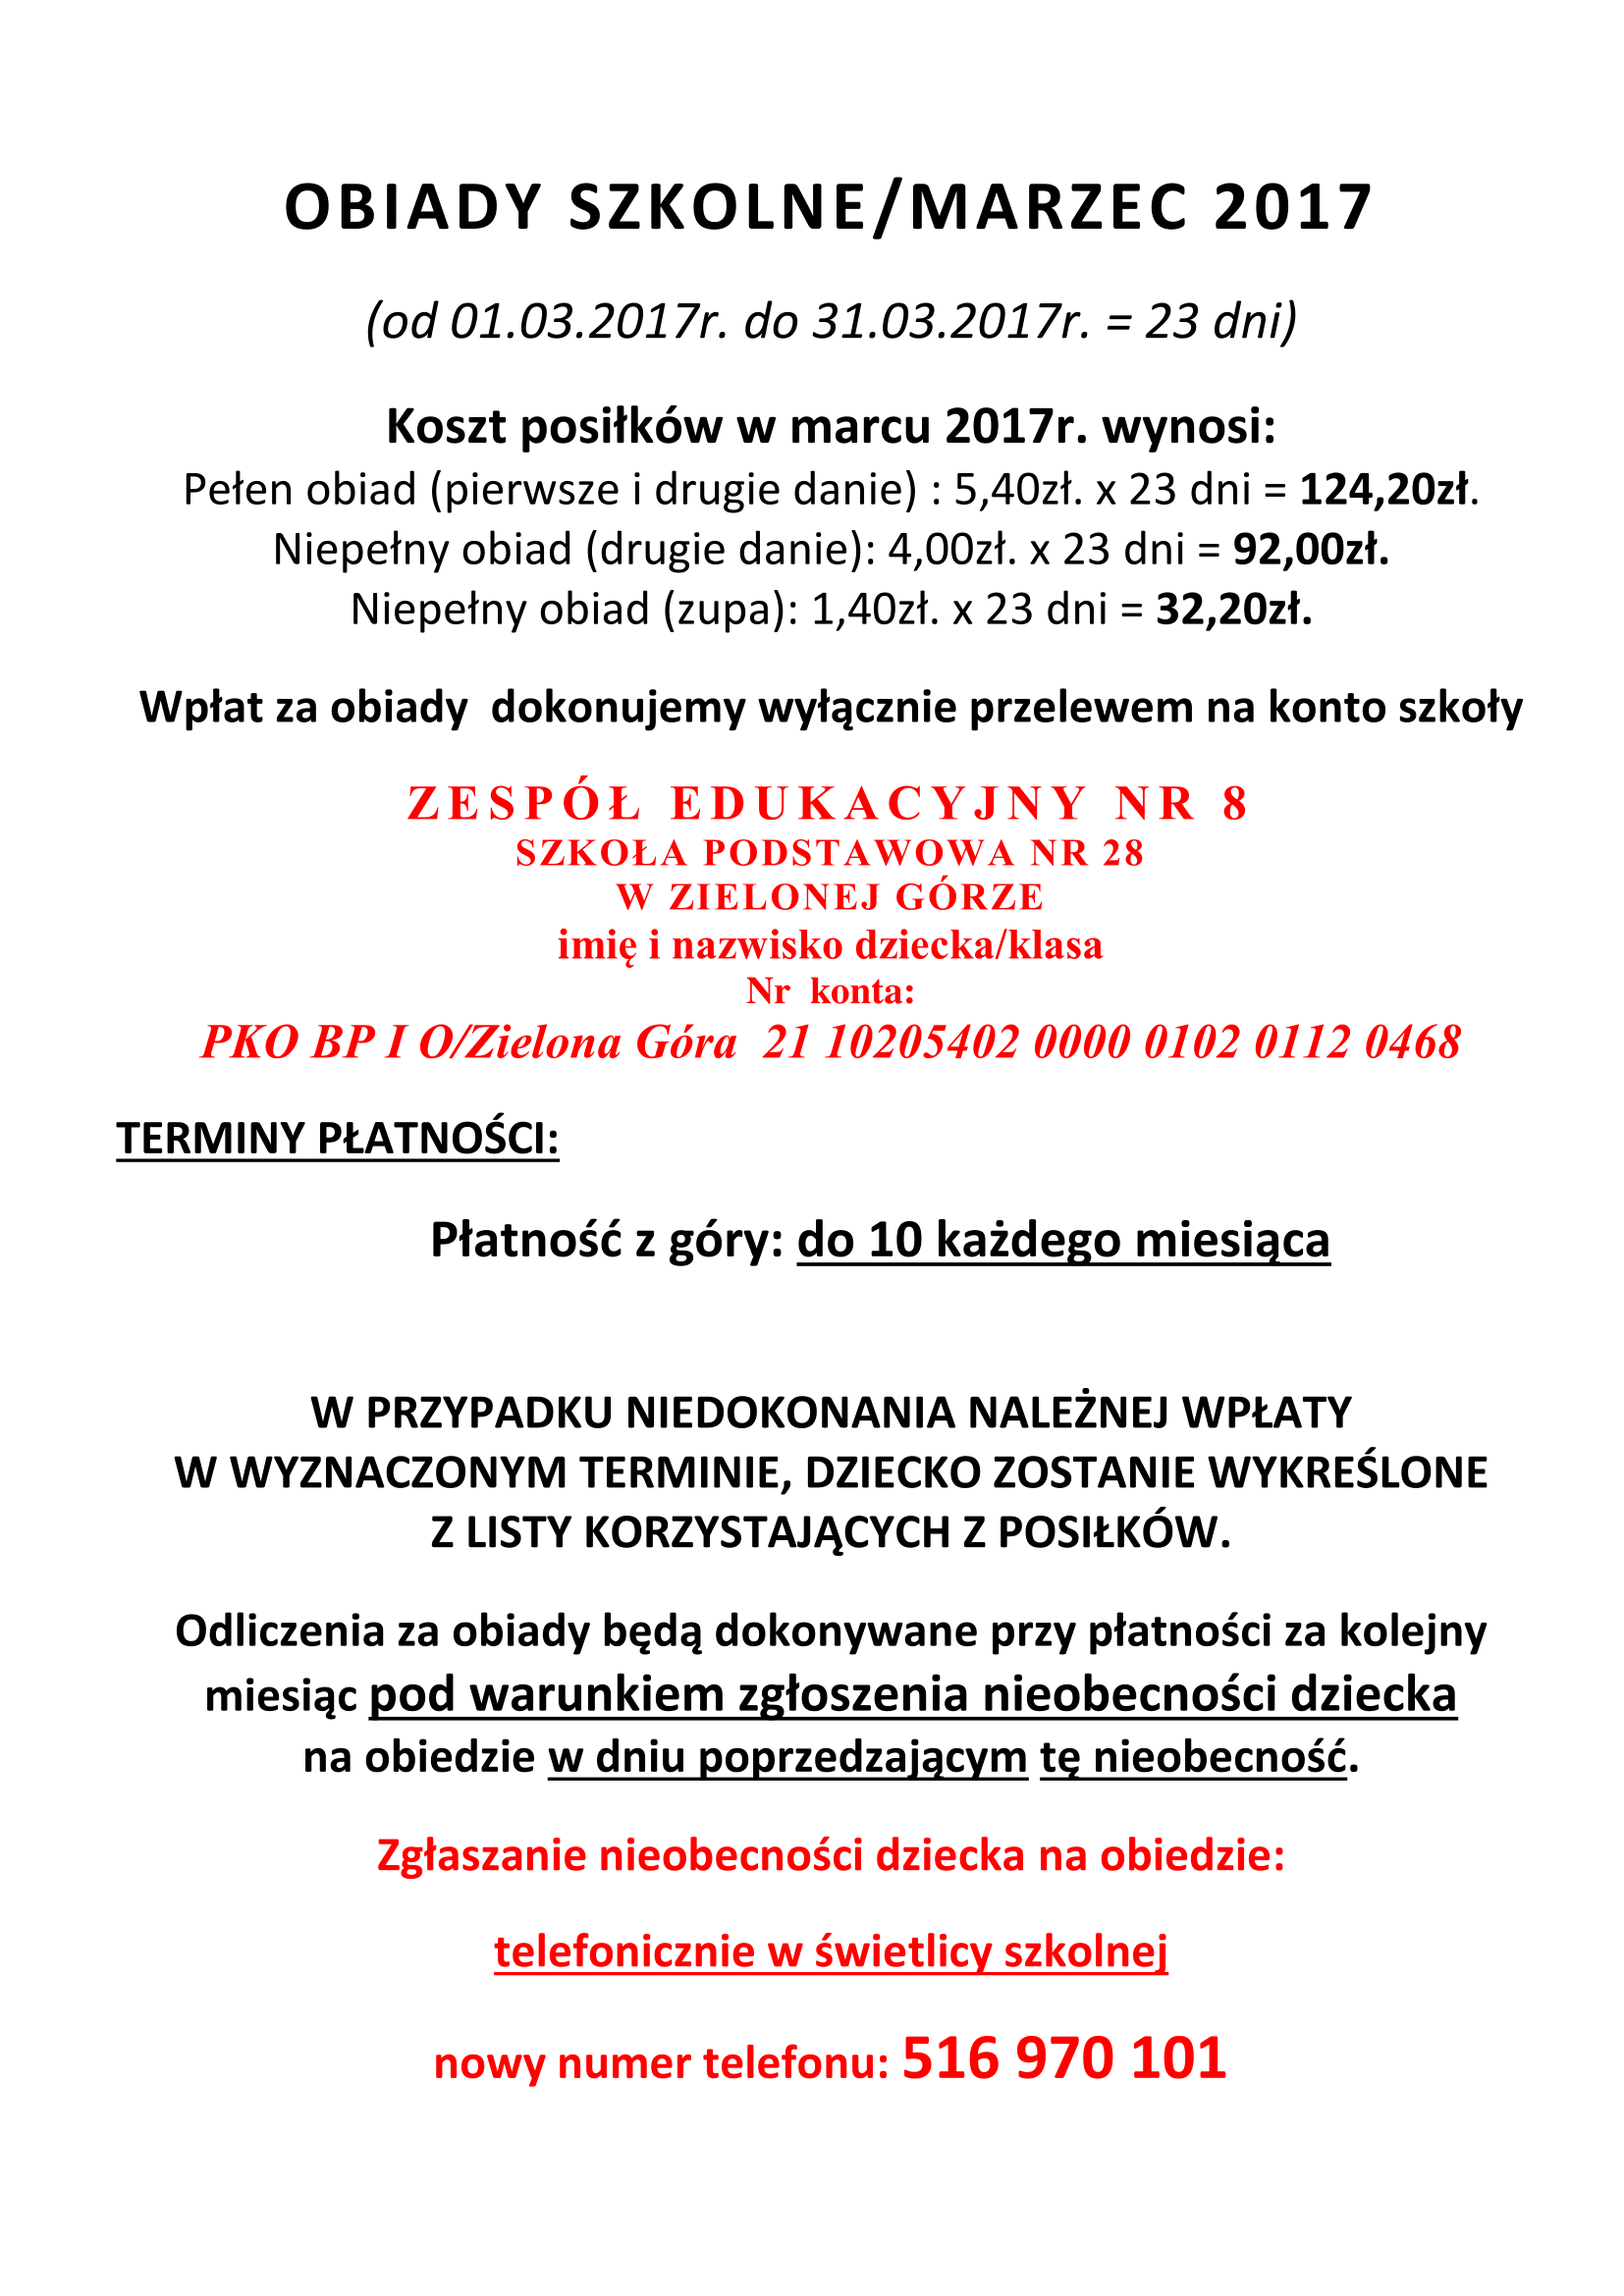 Obiady Szkolne Marzec 2017 Ze 8 Zielona Gora Zawada